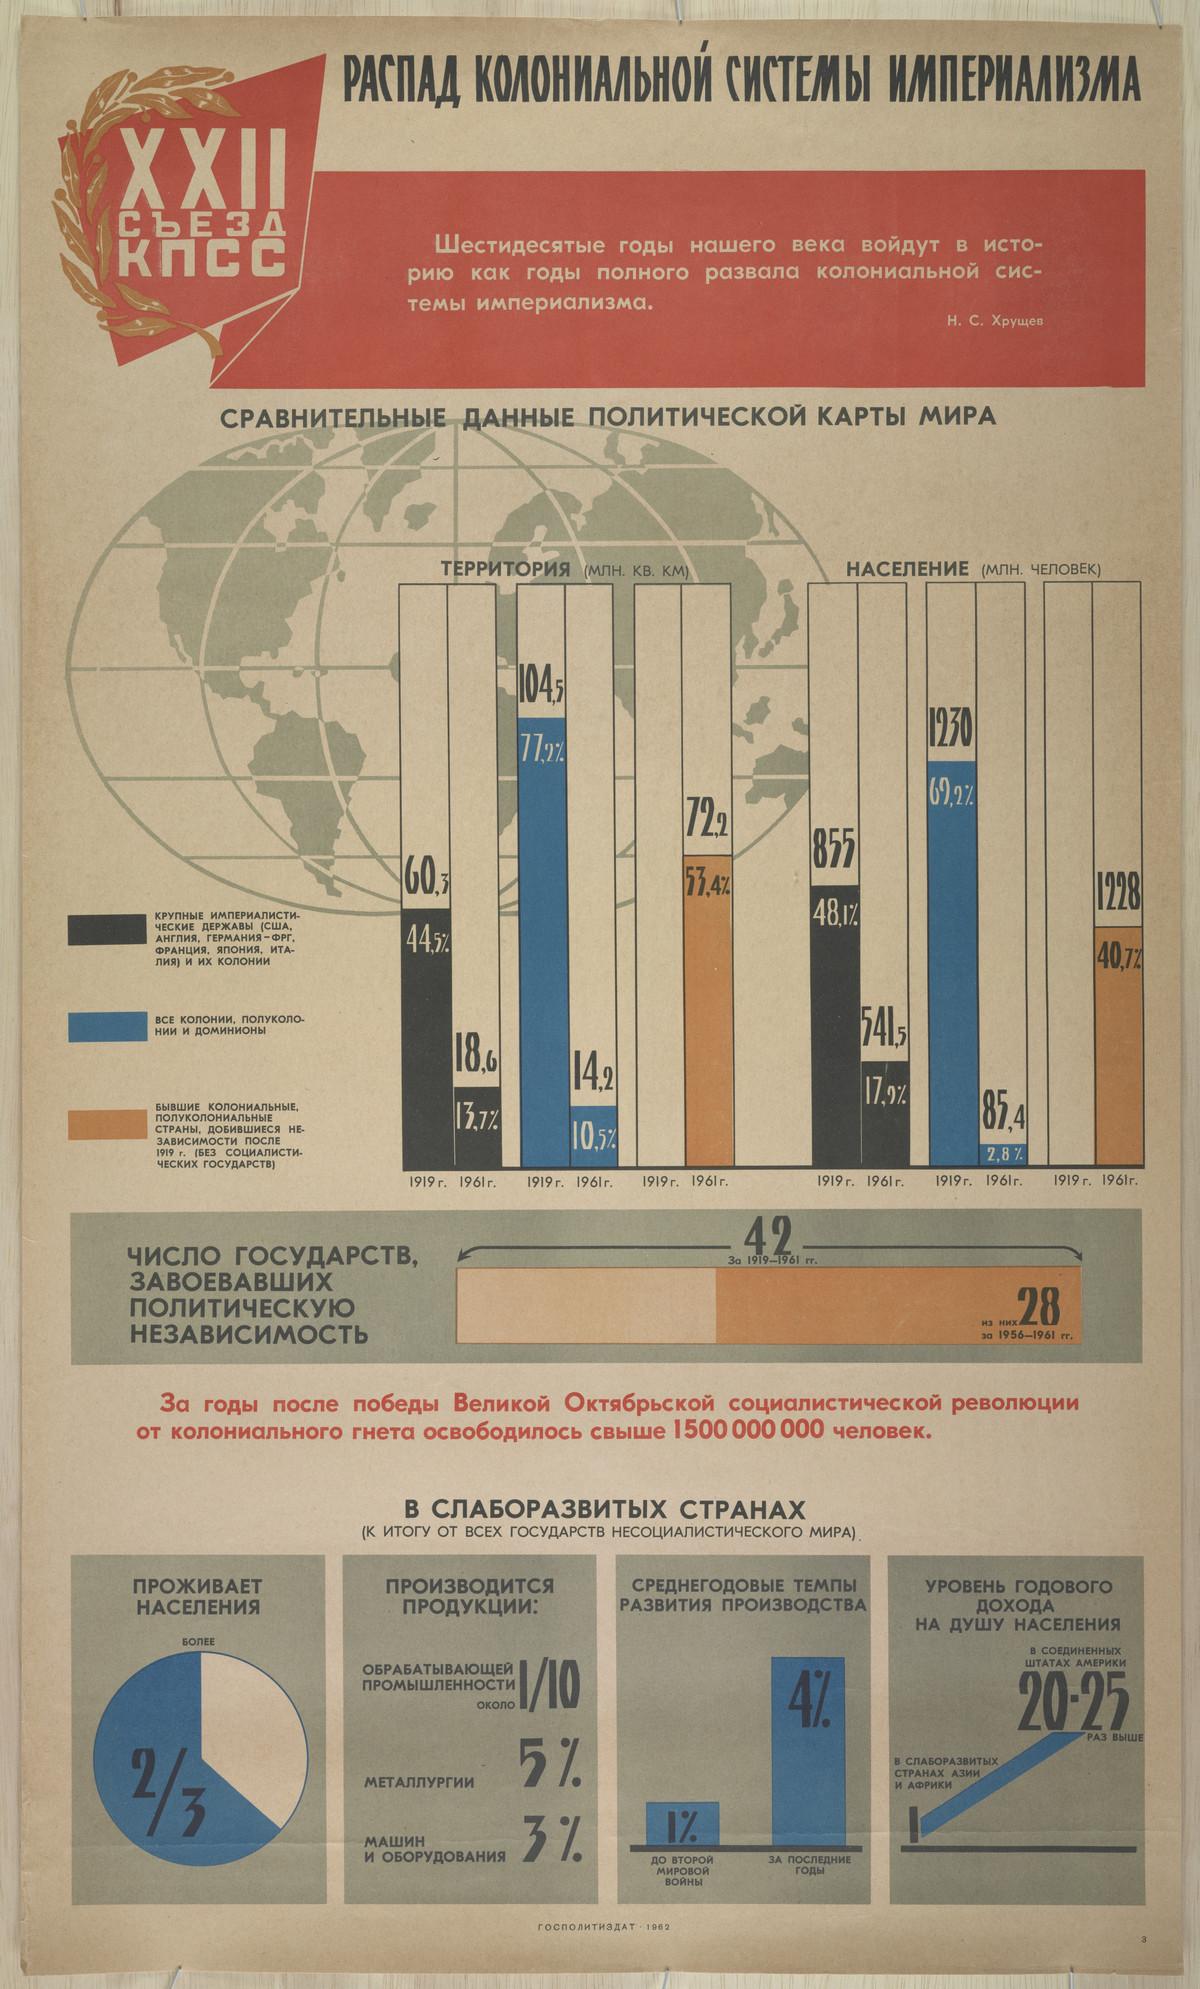 sovetskie-kommunisticheskie-plakaty_37